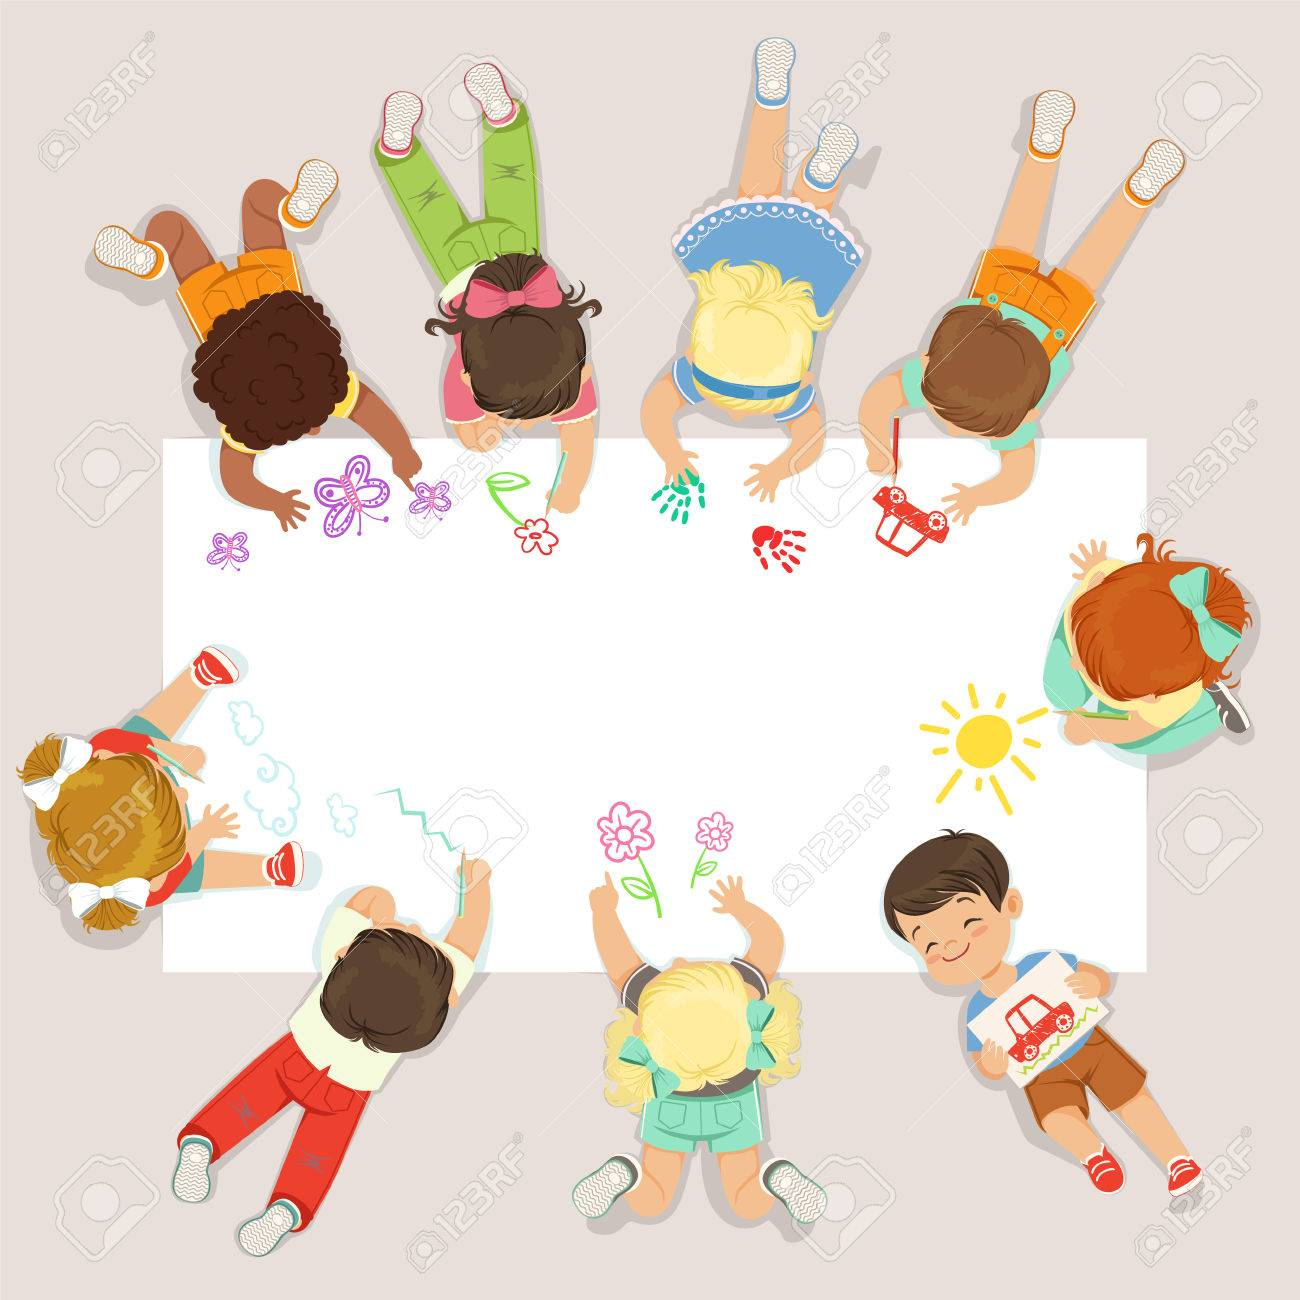 かわいい子供たちが横になっていると大きな紙に描きます漫画は